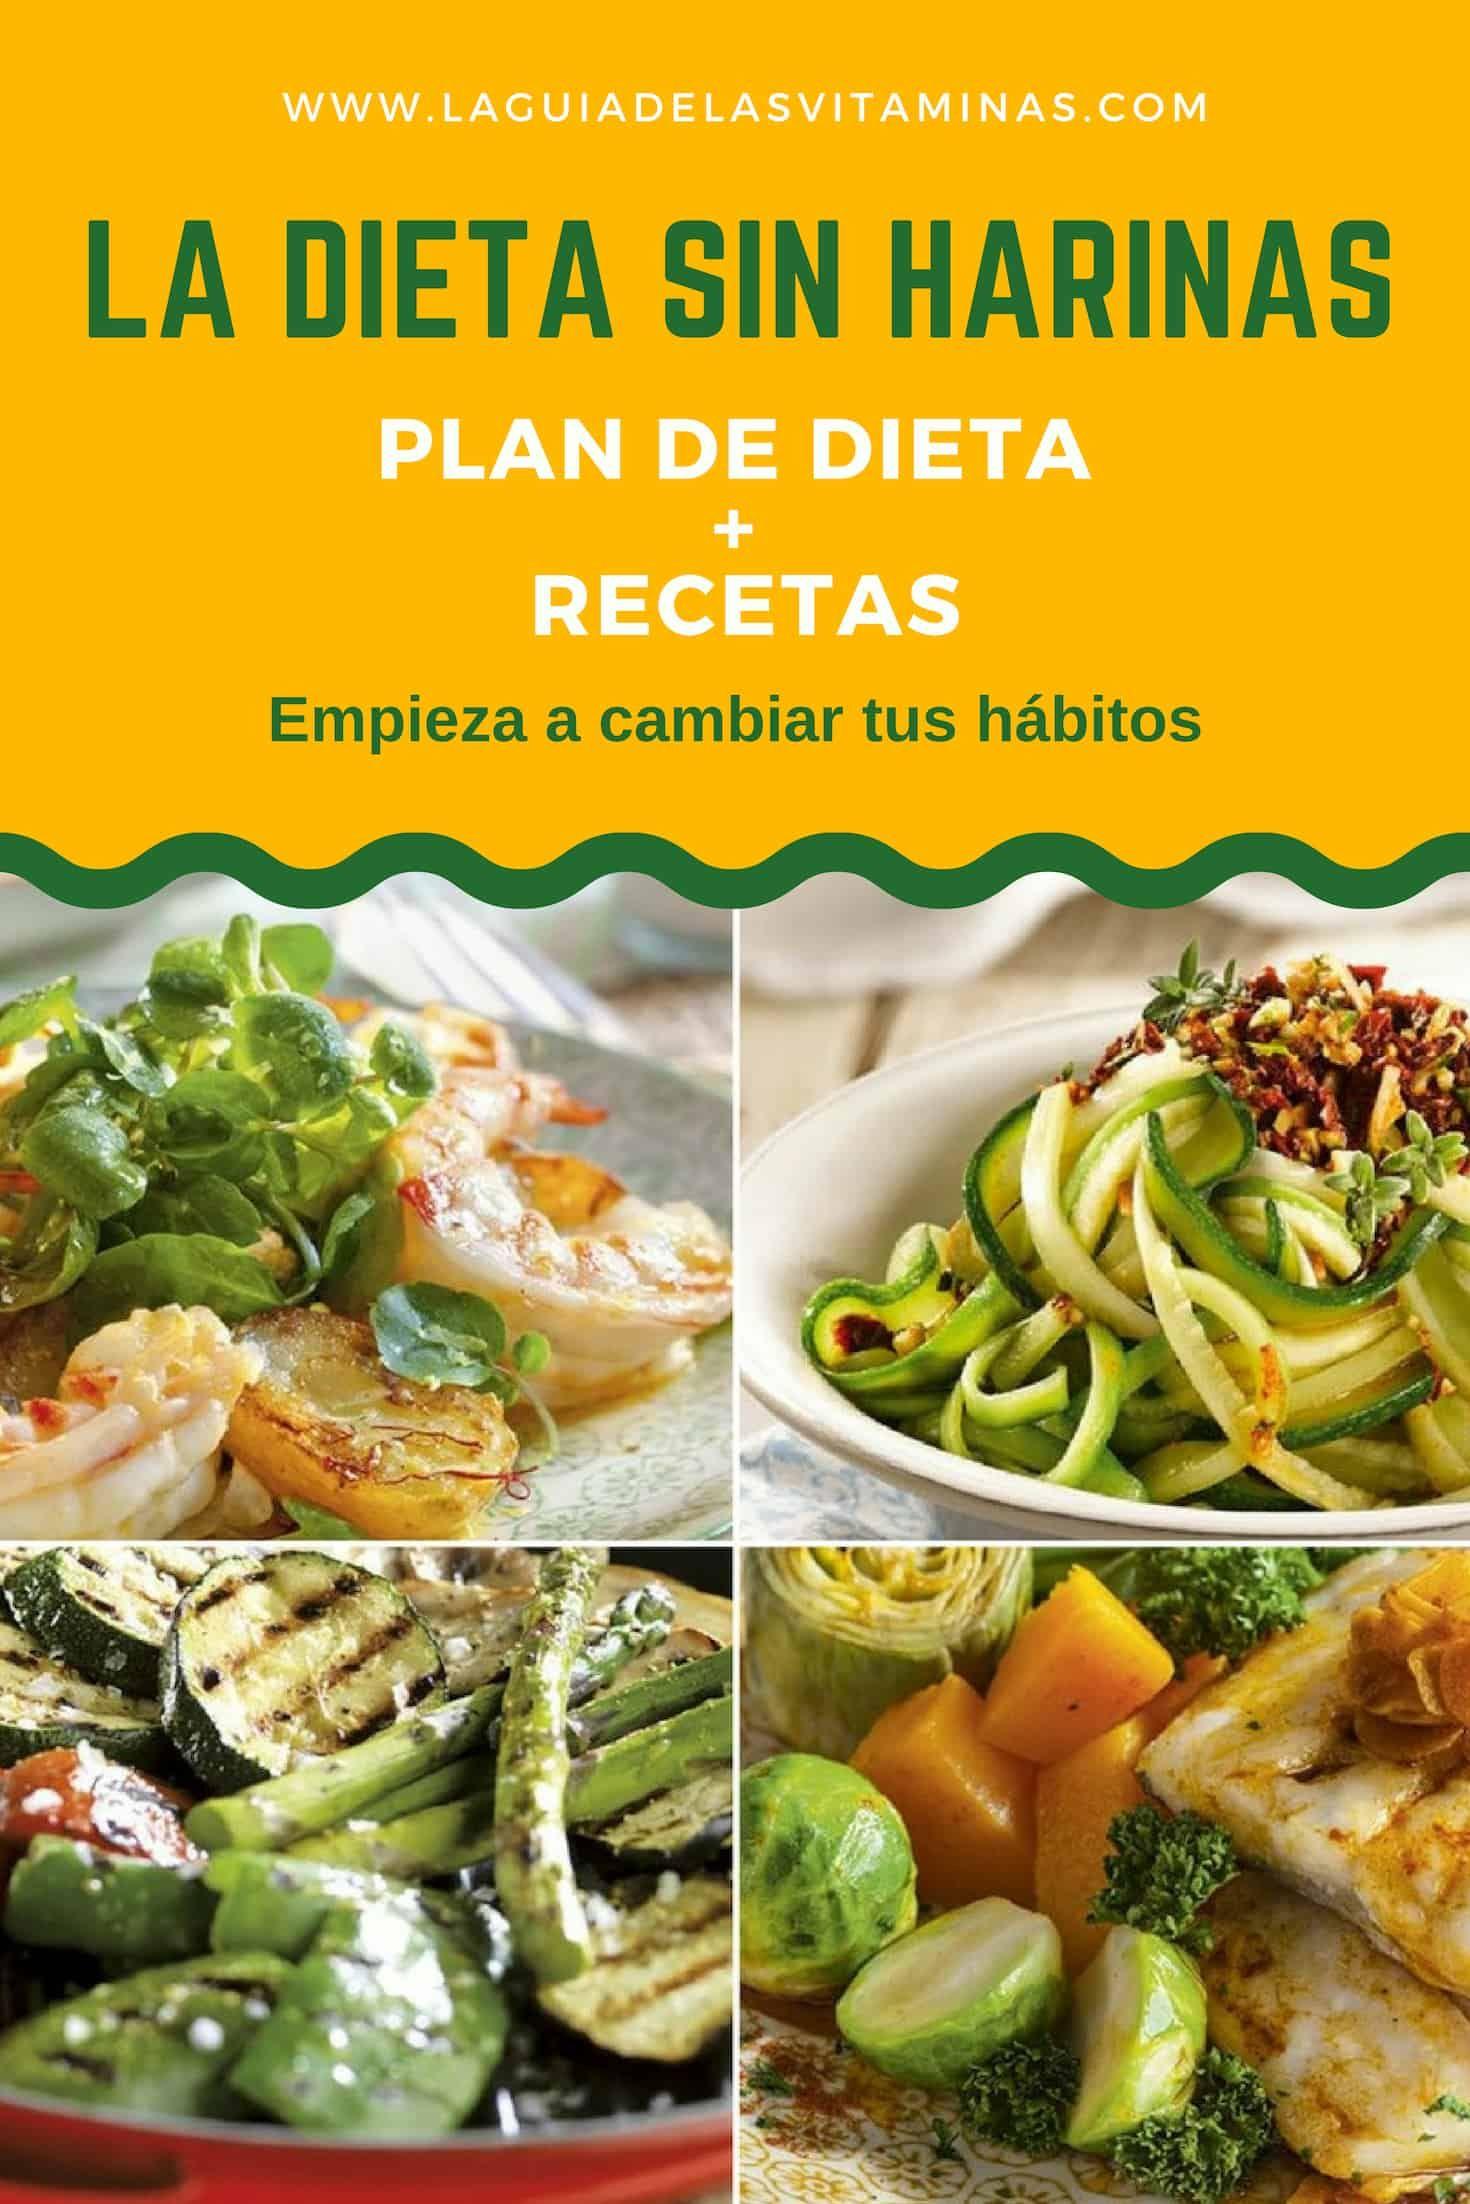 Recetas sanas para hacer dieta